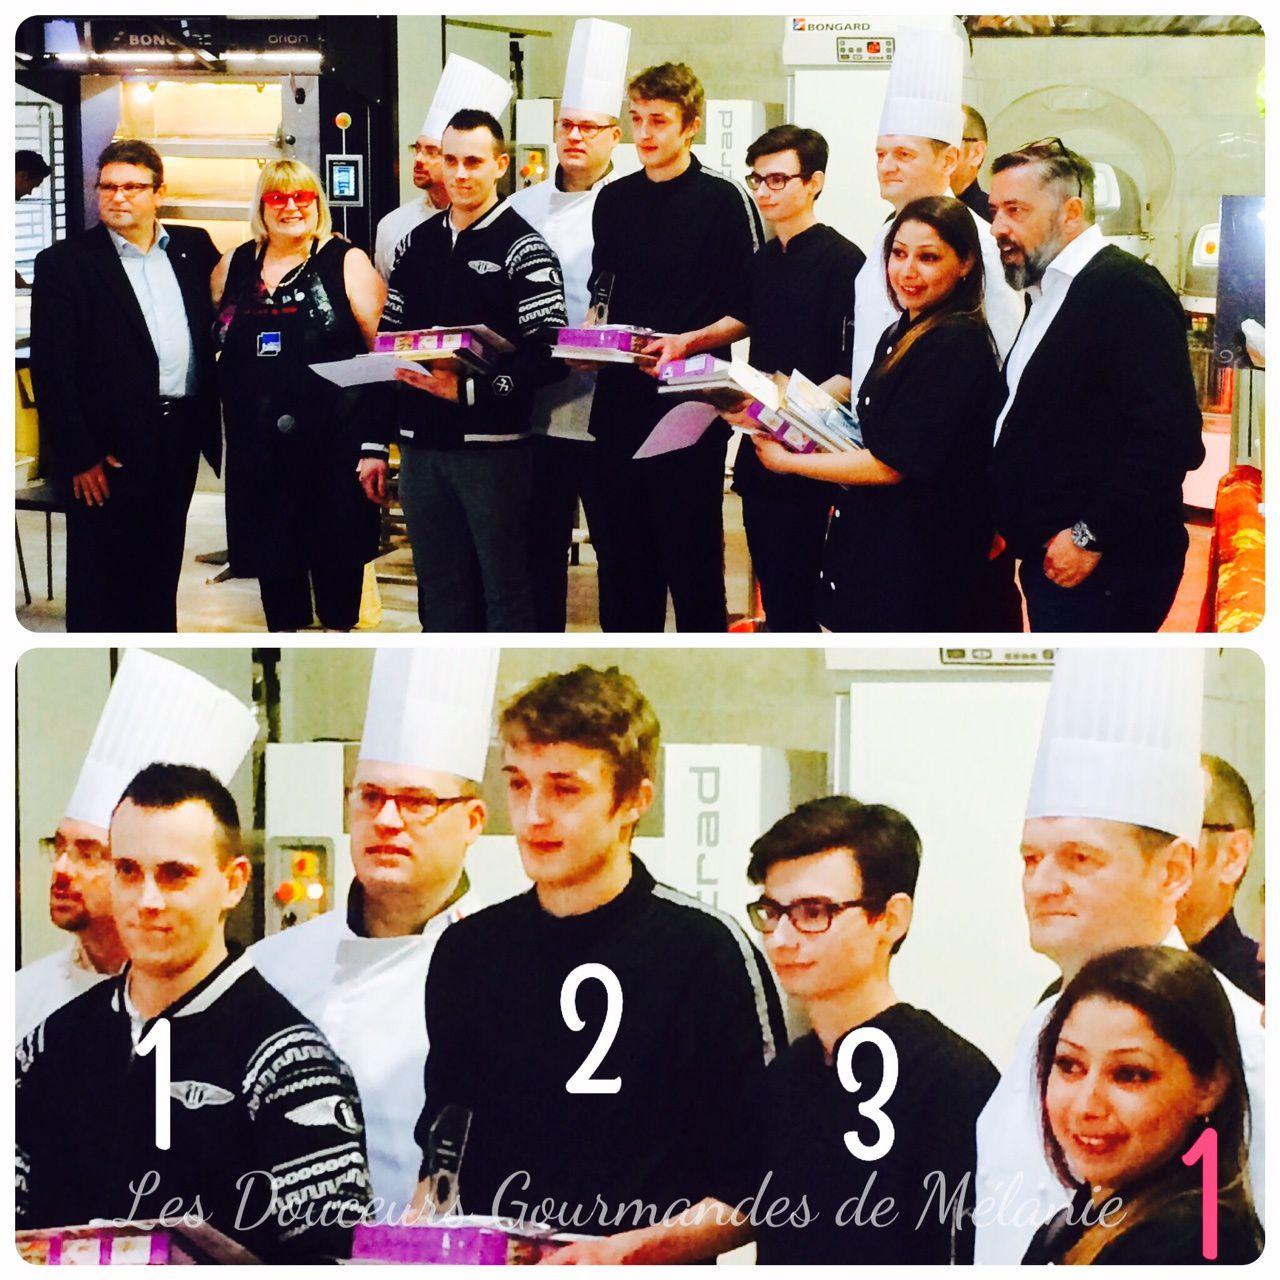 Les résultats des deux concours du salon Boule, Pâte en Nord : pièce chocolat et cake design